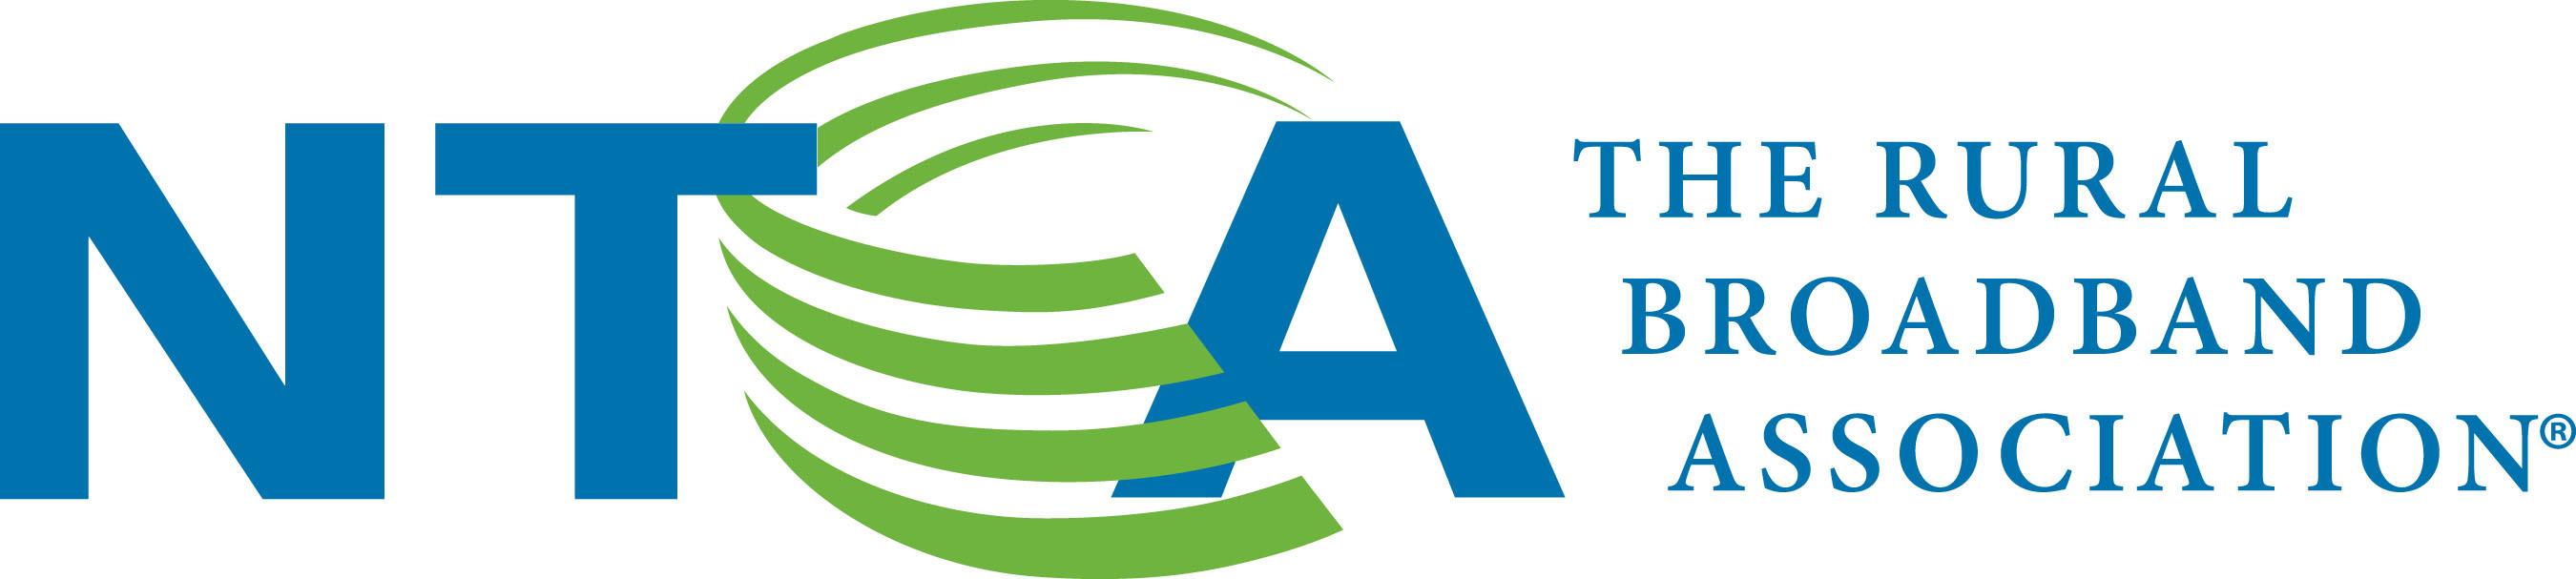 NTCA Logo.